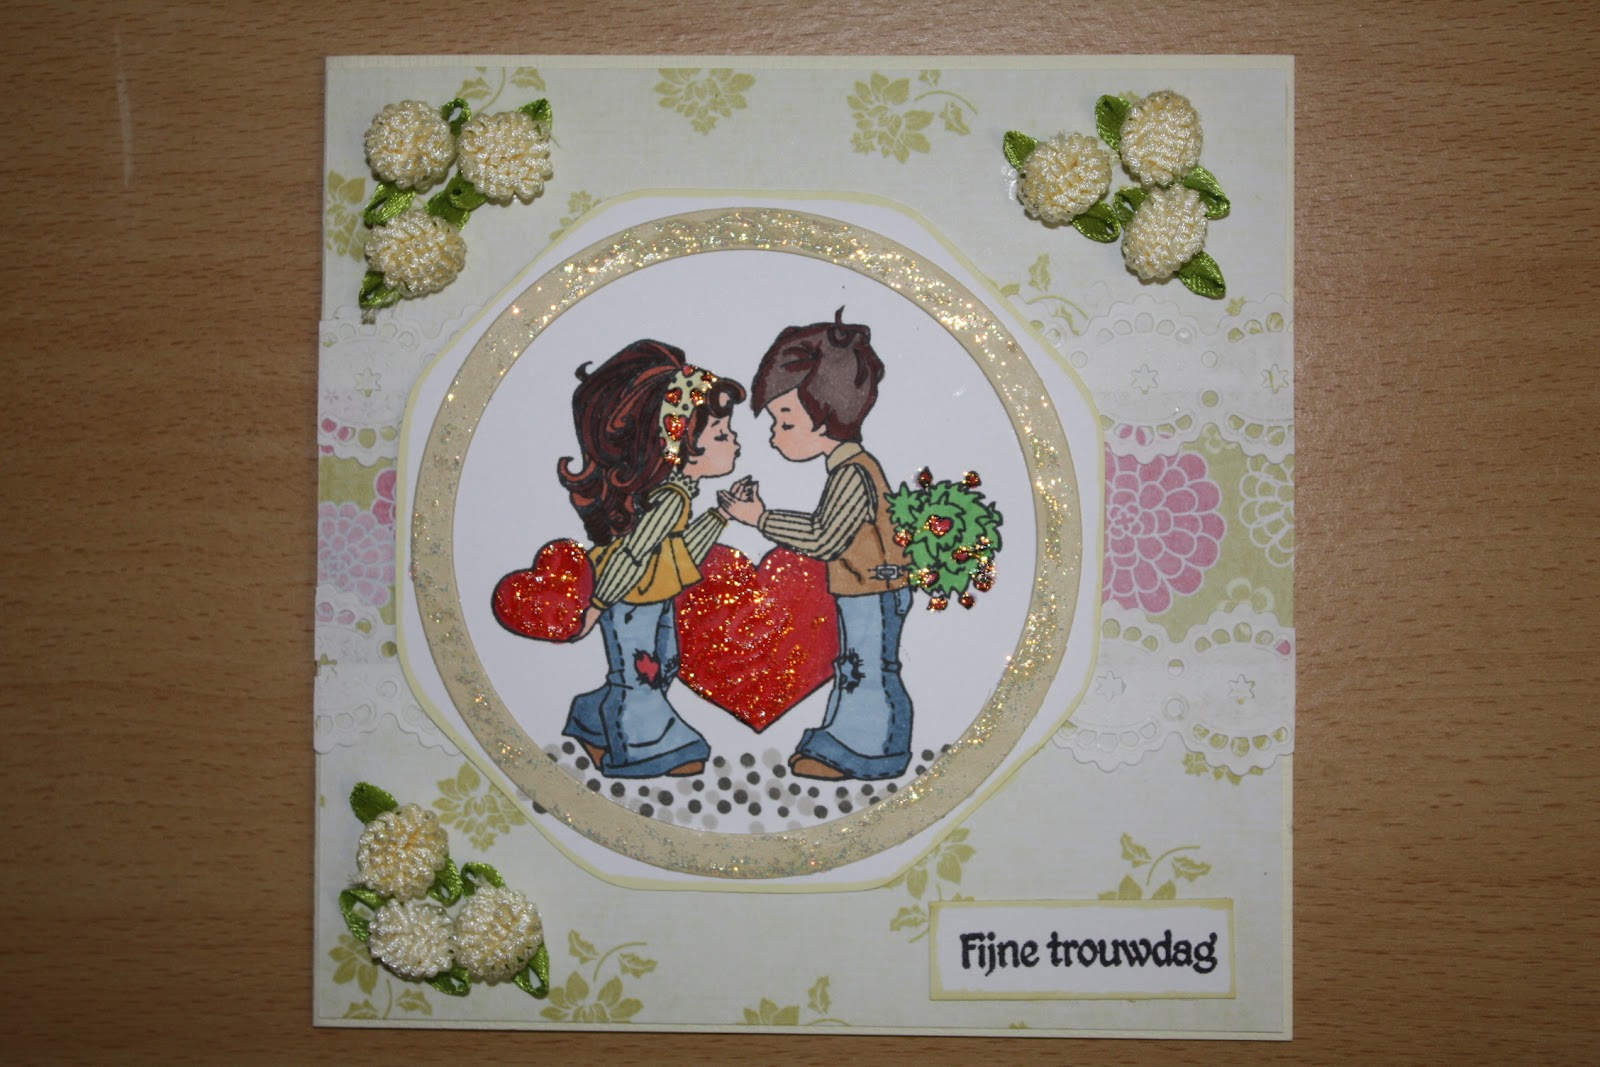 Cinderella S Dreamcardsblog Fijne Trouwdag Kaart